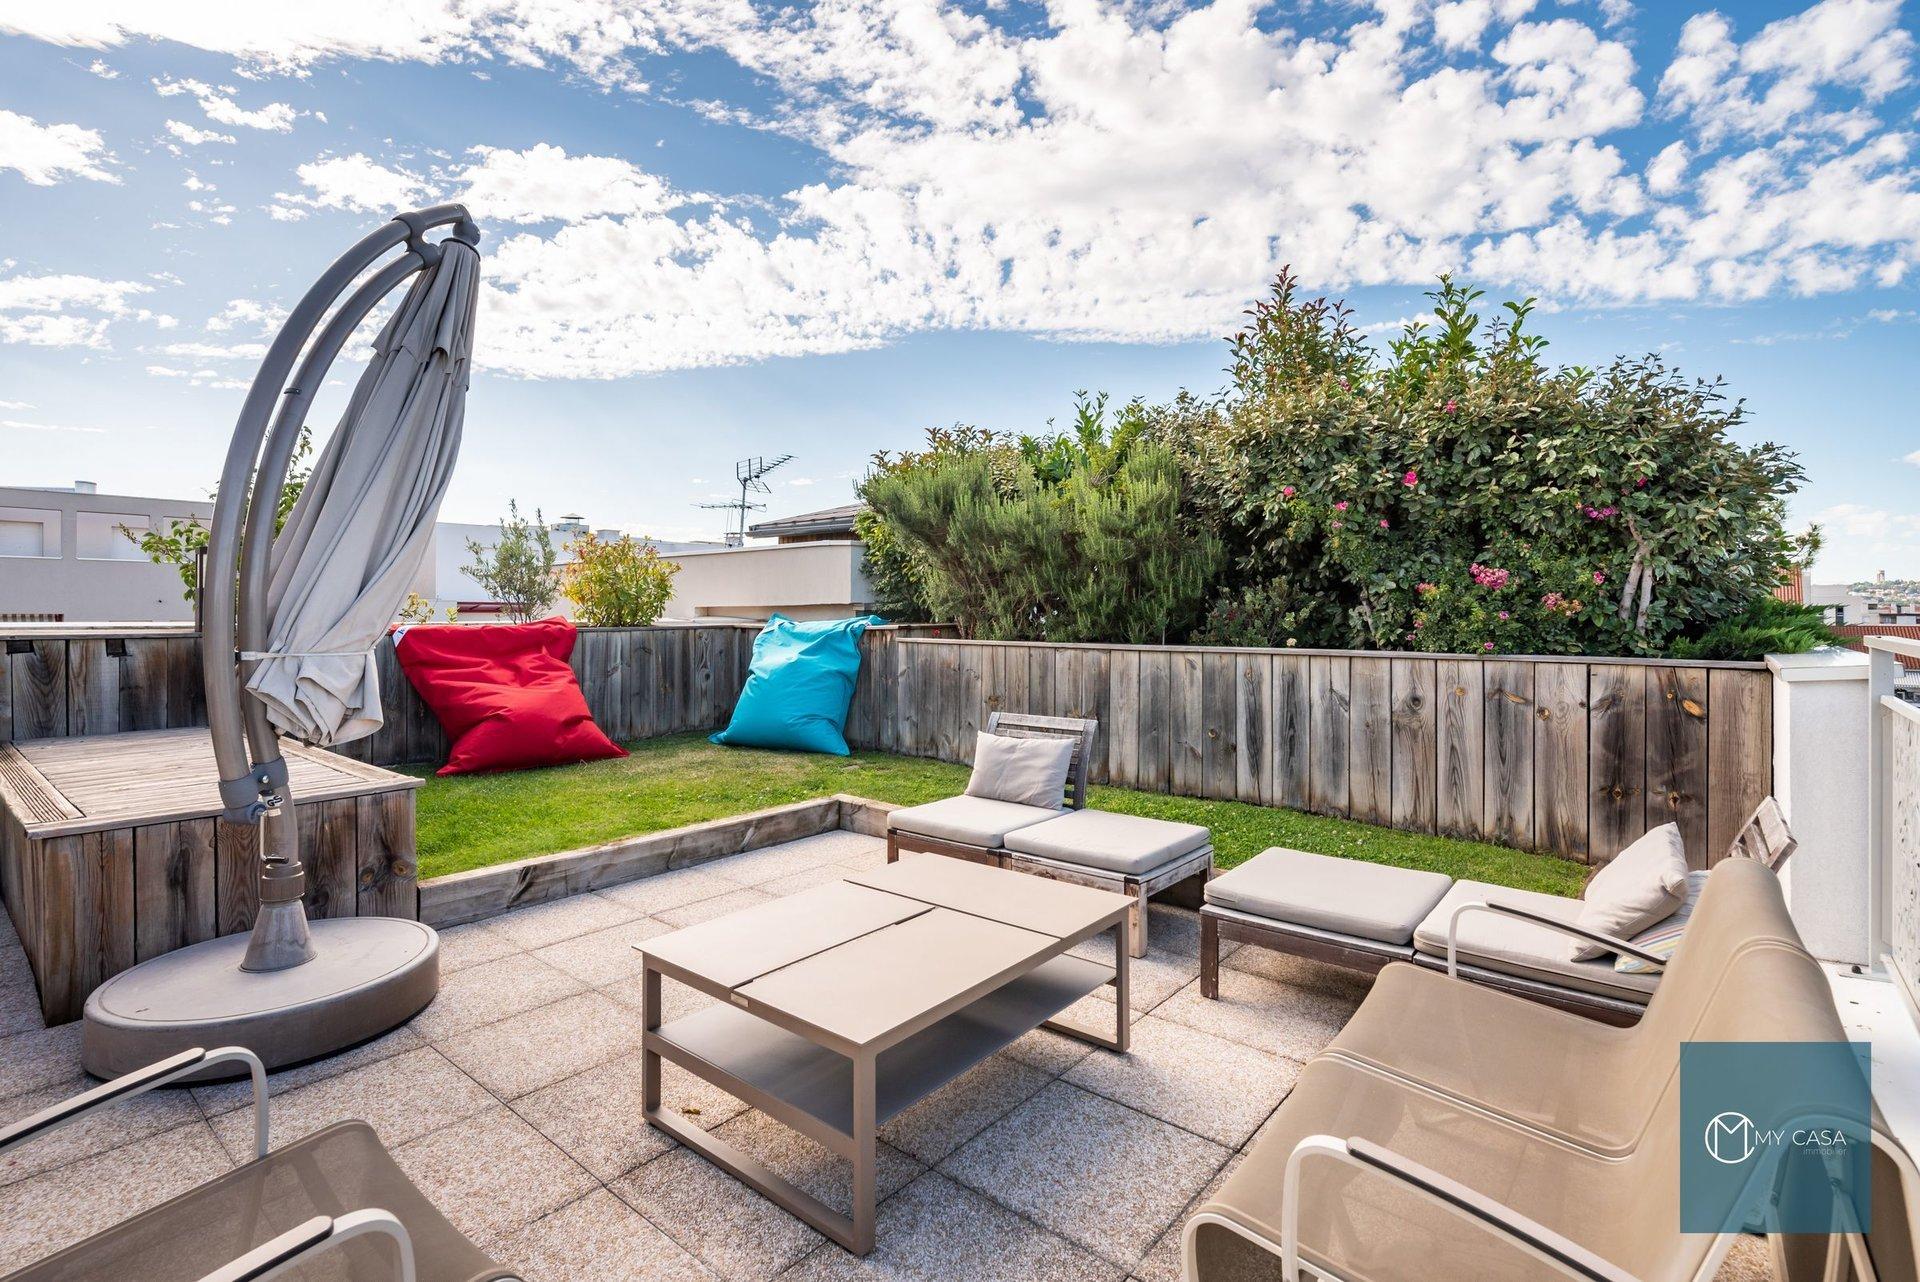 REPUBLIQUE - Maison sur toit - DUPLEX 89 m2 - Balcon / Terrasses